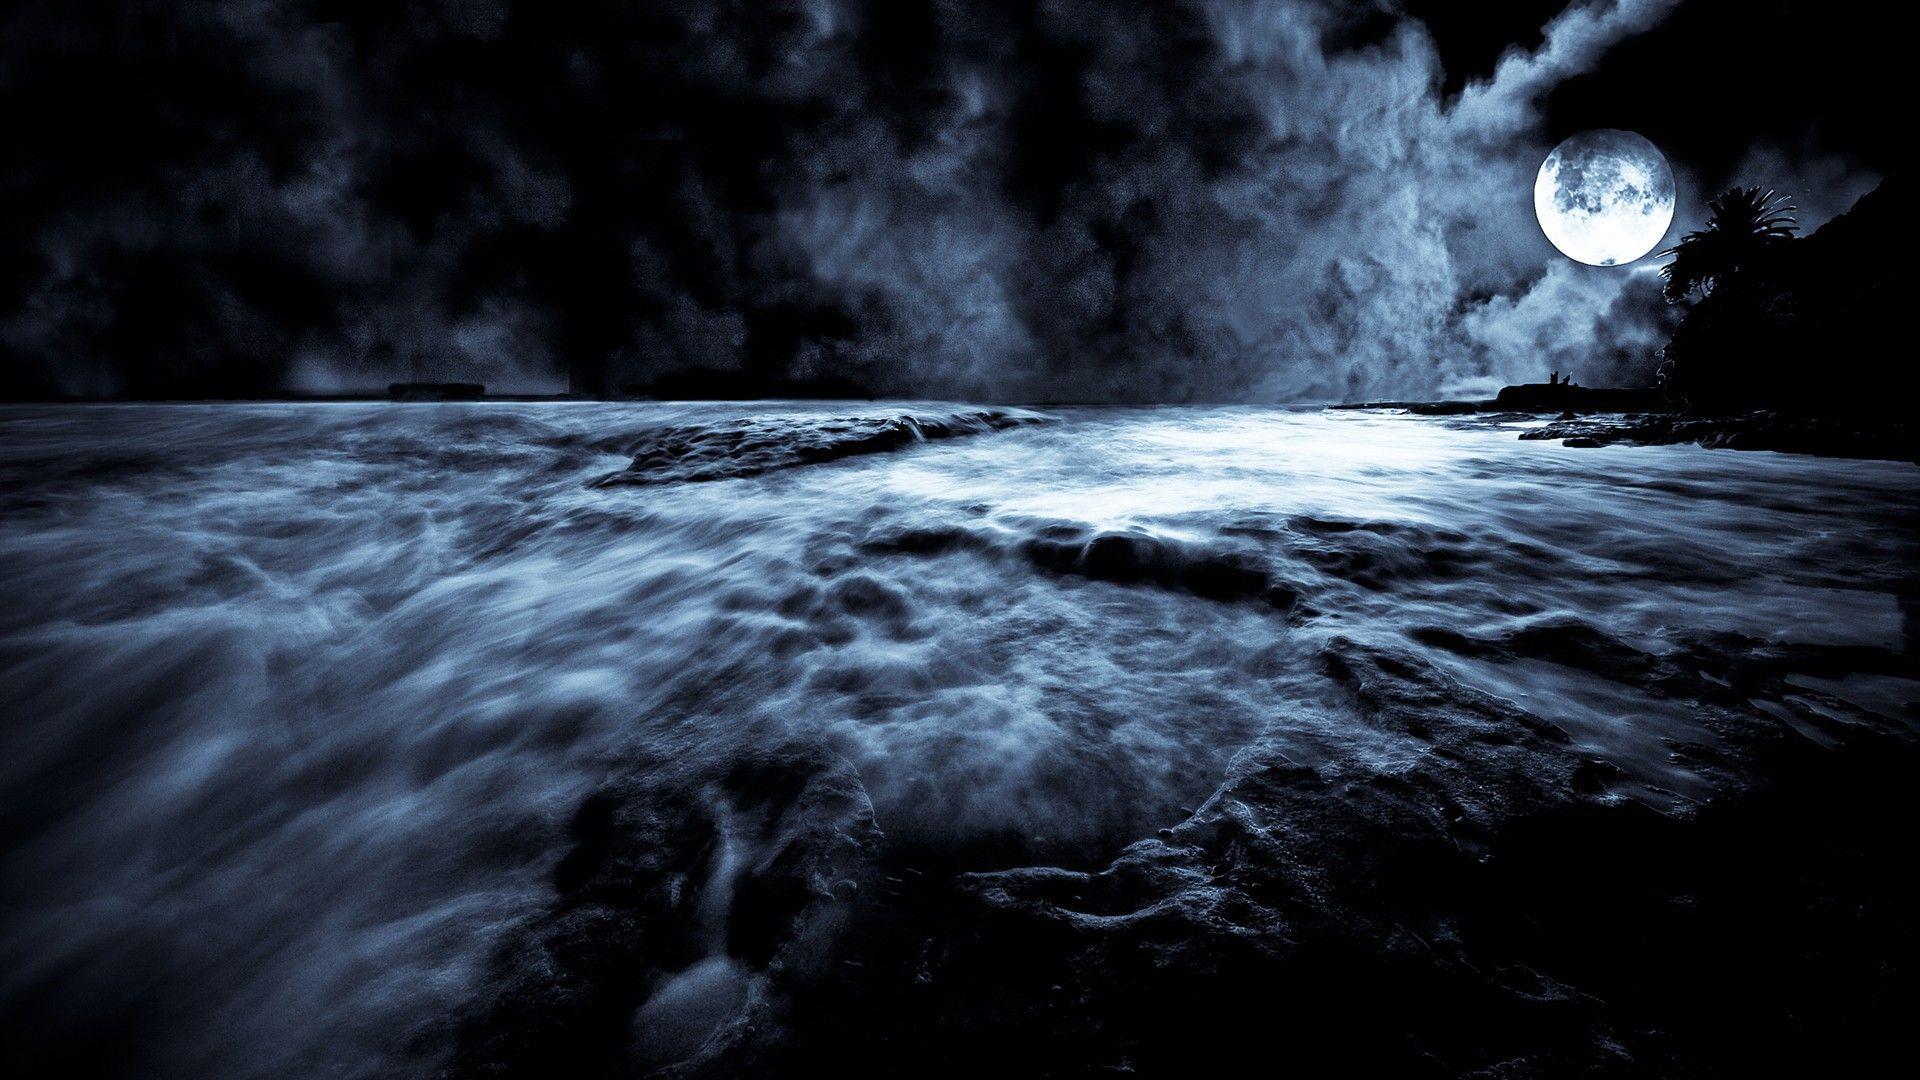 Black Moon Wallpapers Hd Wallpaper Cave